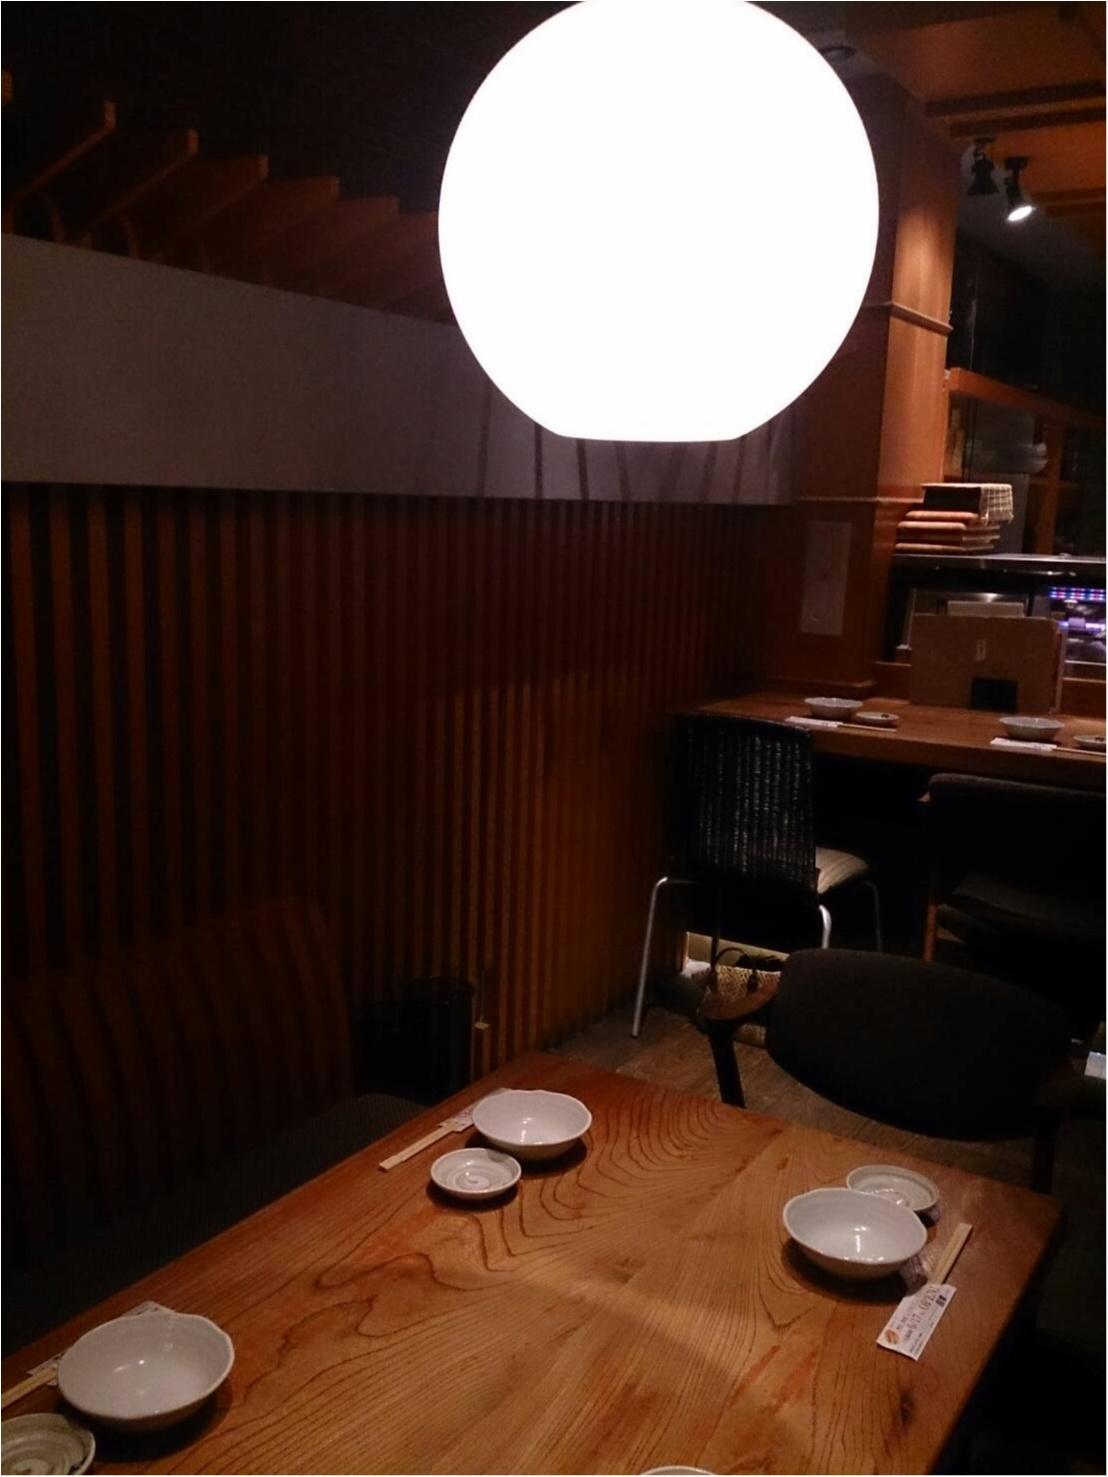 【居酒屋】安い美味しい、雰囲気良し♡ 渋三魚金がコスパ良すぎ!!_1